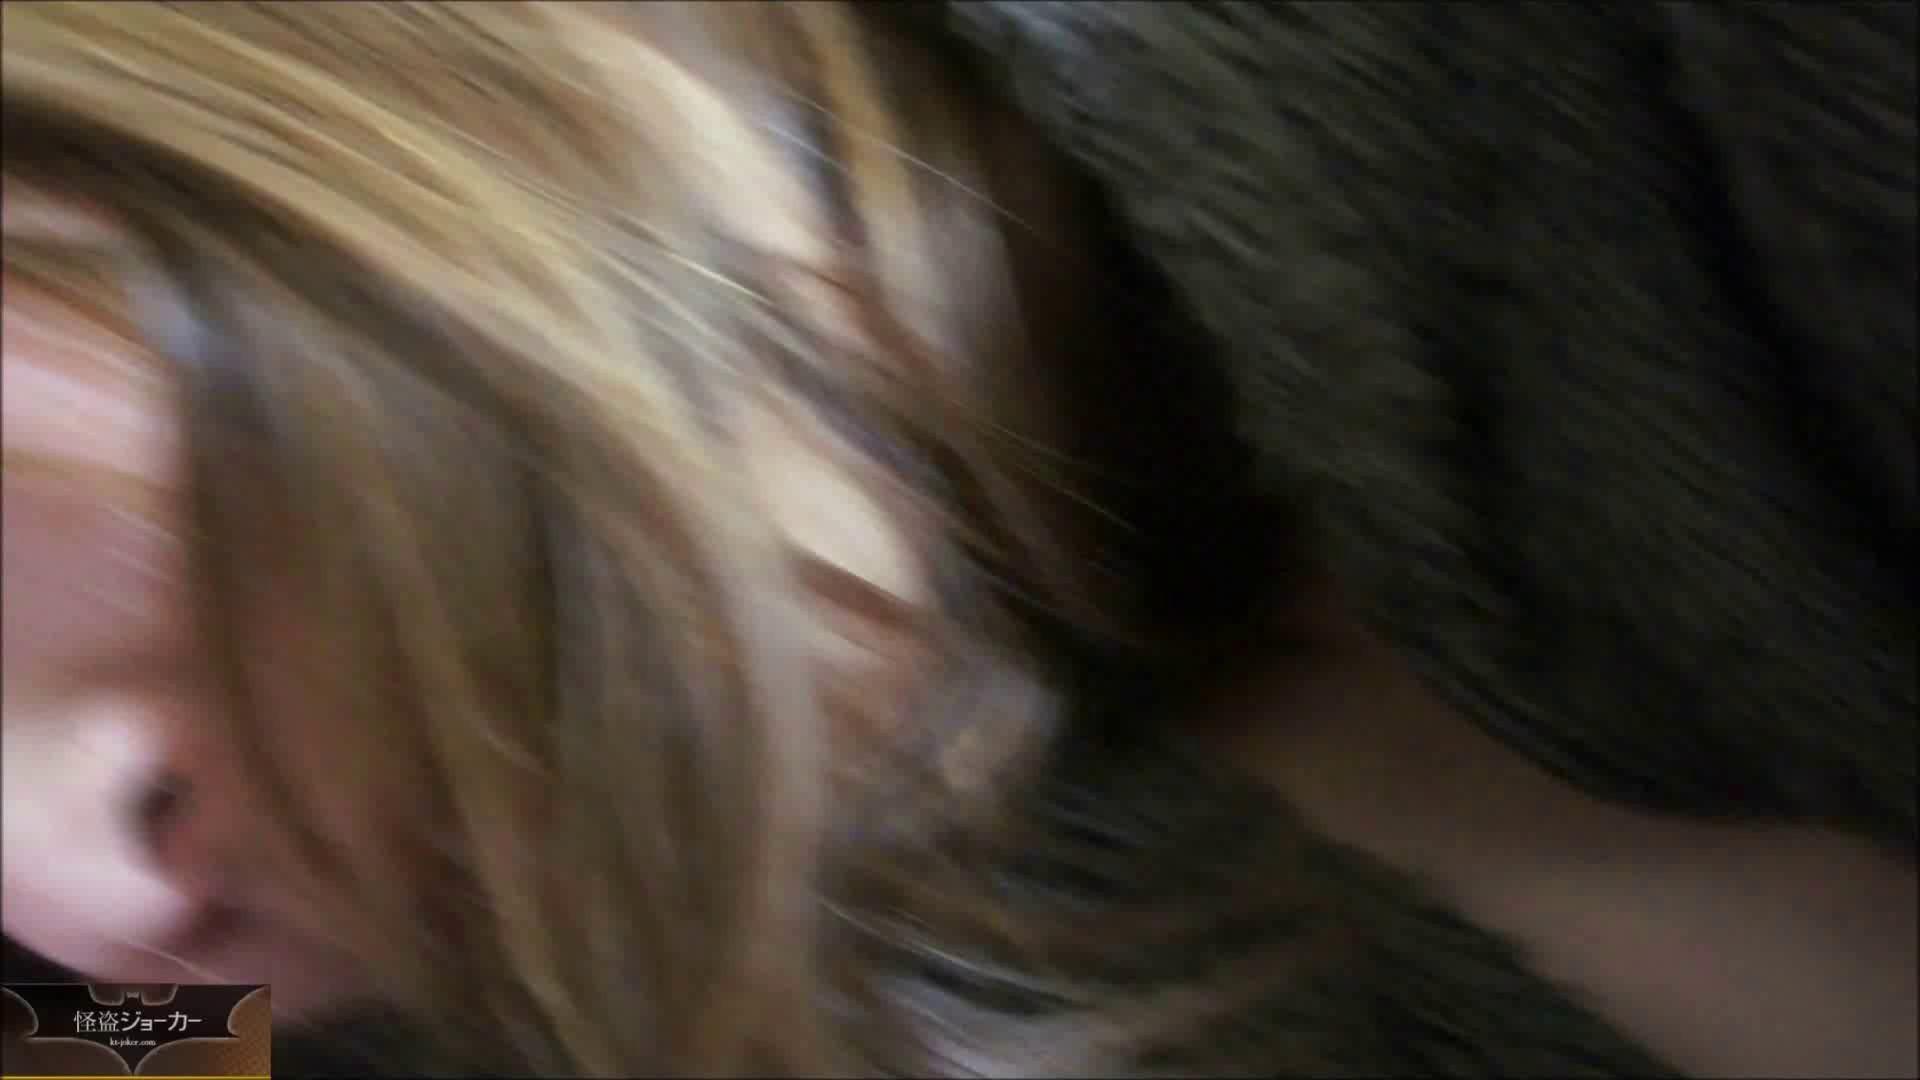 無修正おまんこ動画|【未公開】vol.27 【ユリナの同級生】朋葉ちゃんを我が家で・・・|怪盗ジョーカー